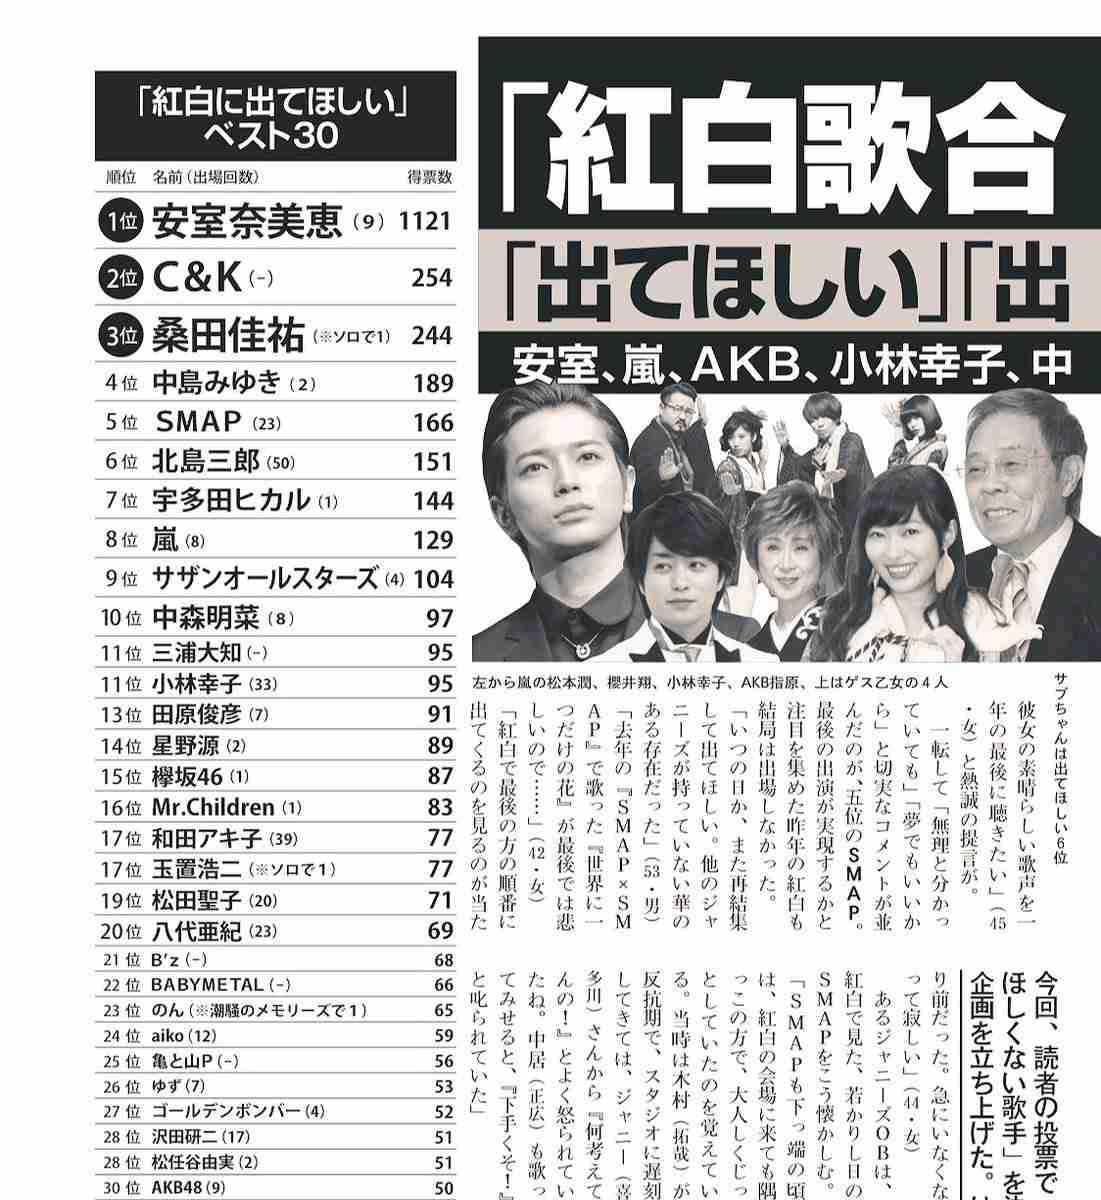 週刊文春「紅白歌合戦」大アンケート結果発表!